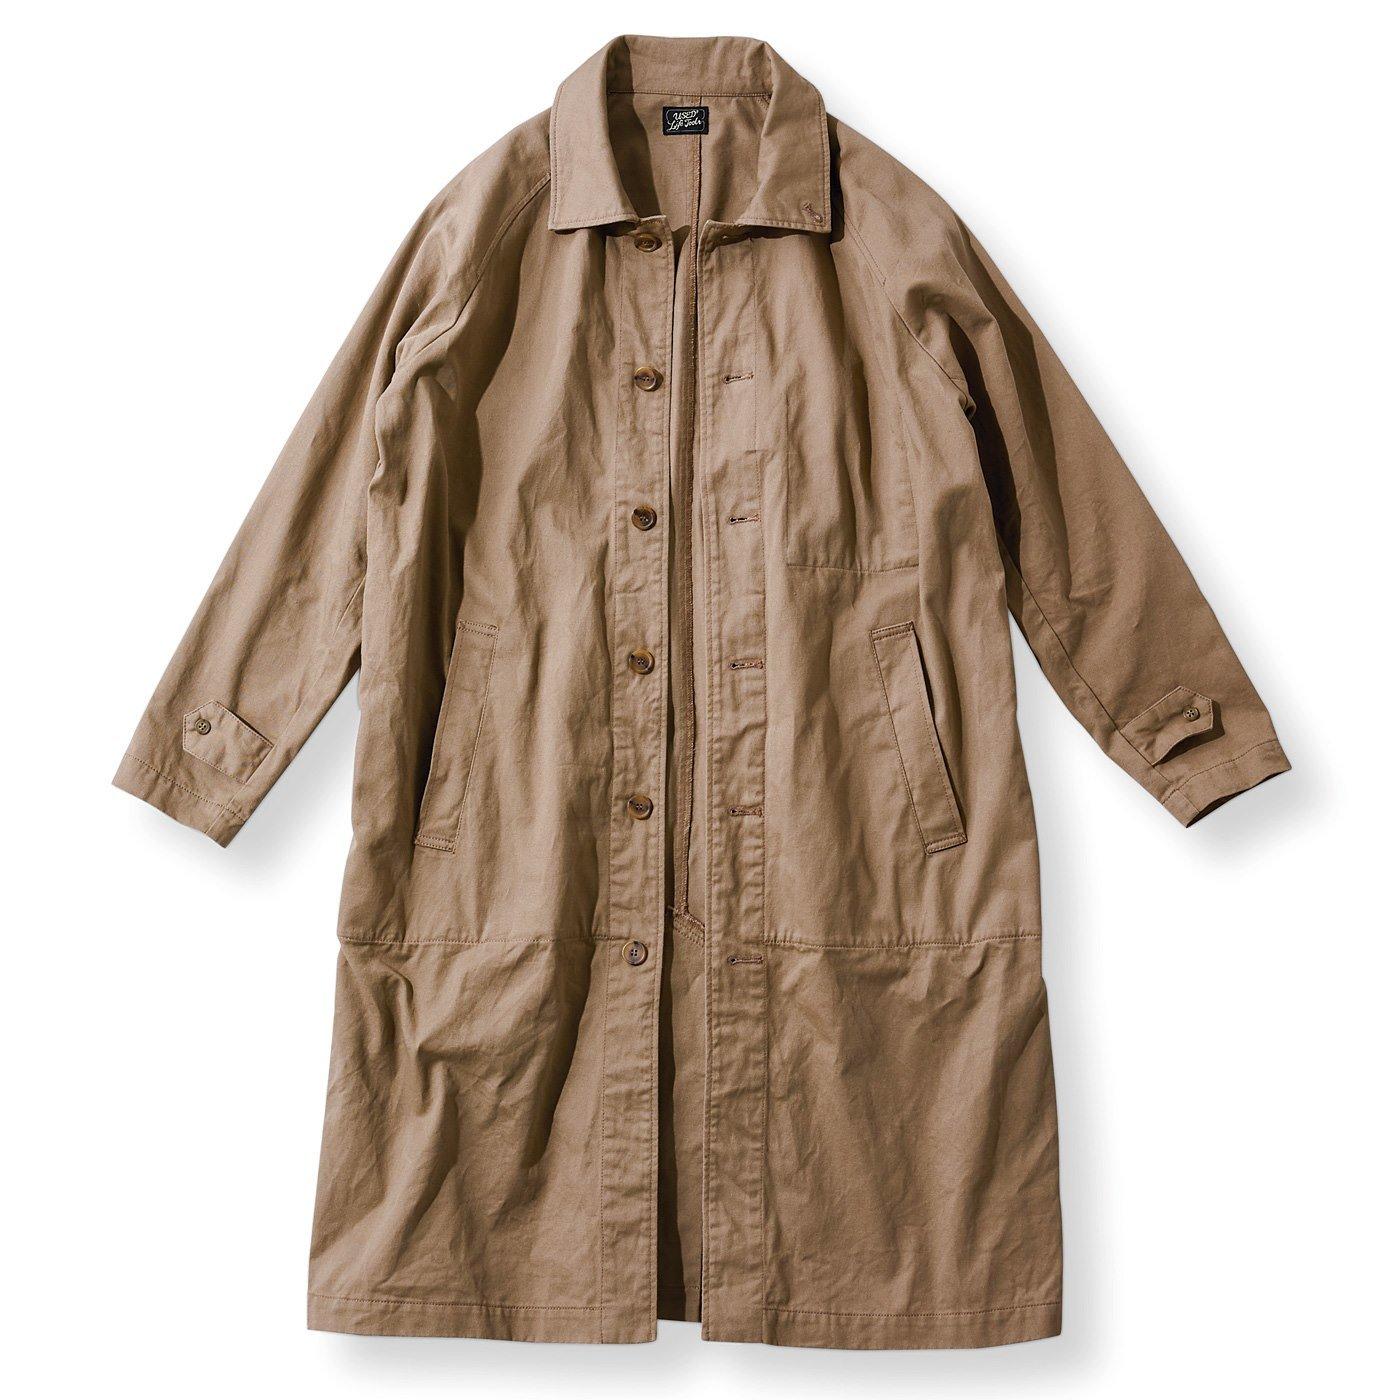 古着屋さんで見つけたような手ぶらでOK 9ポケットコート〈オールドベージュ〉